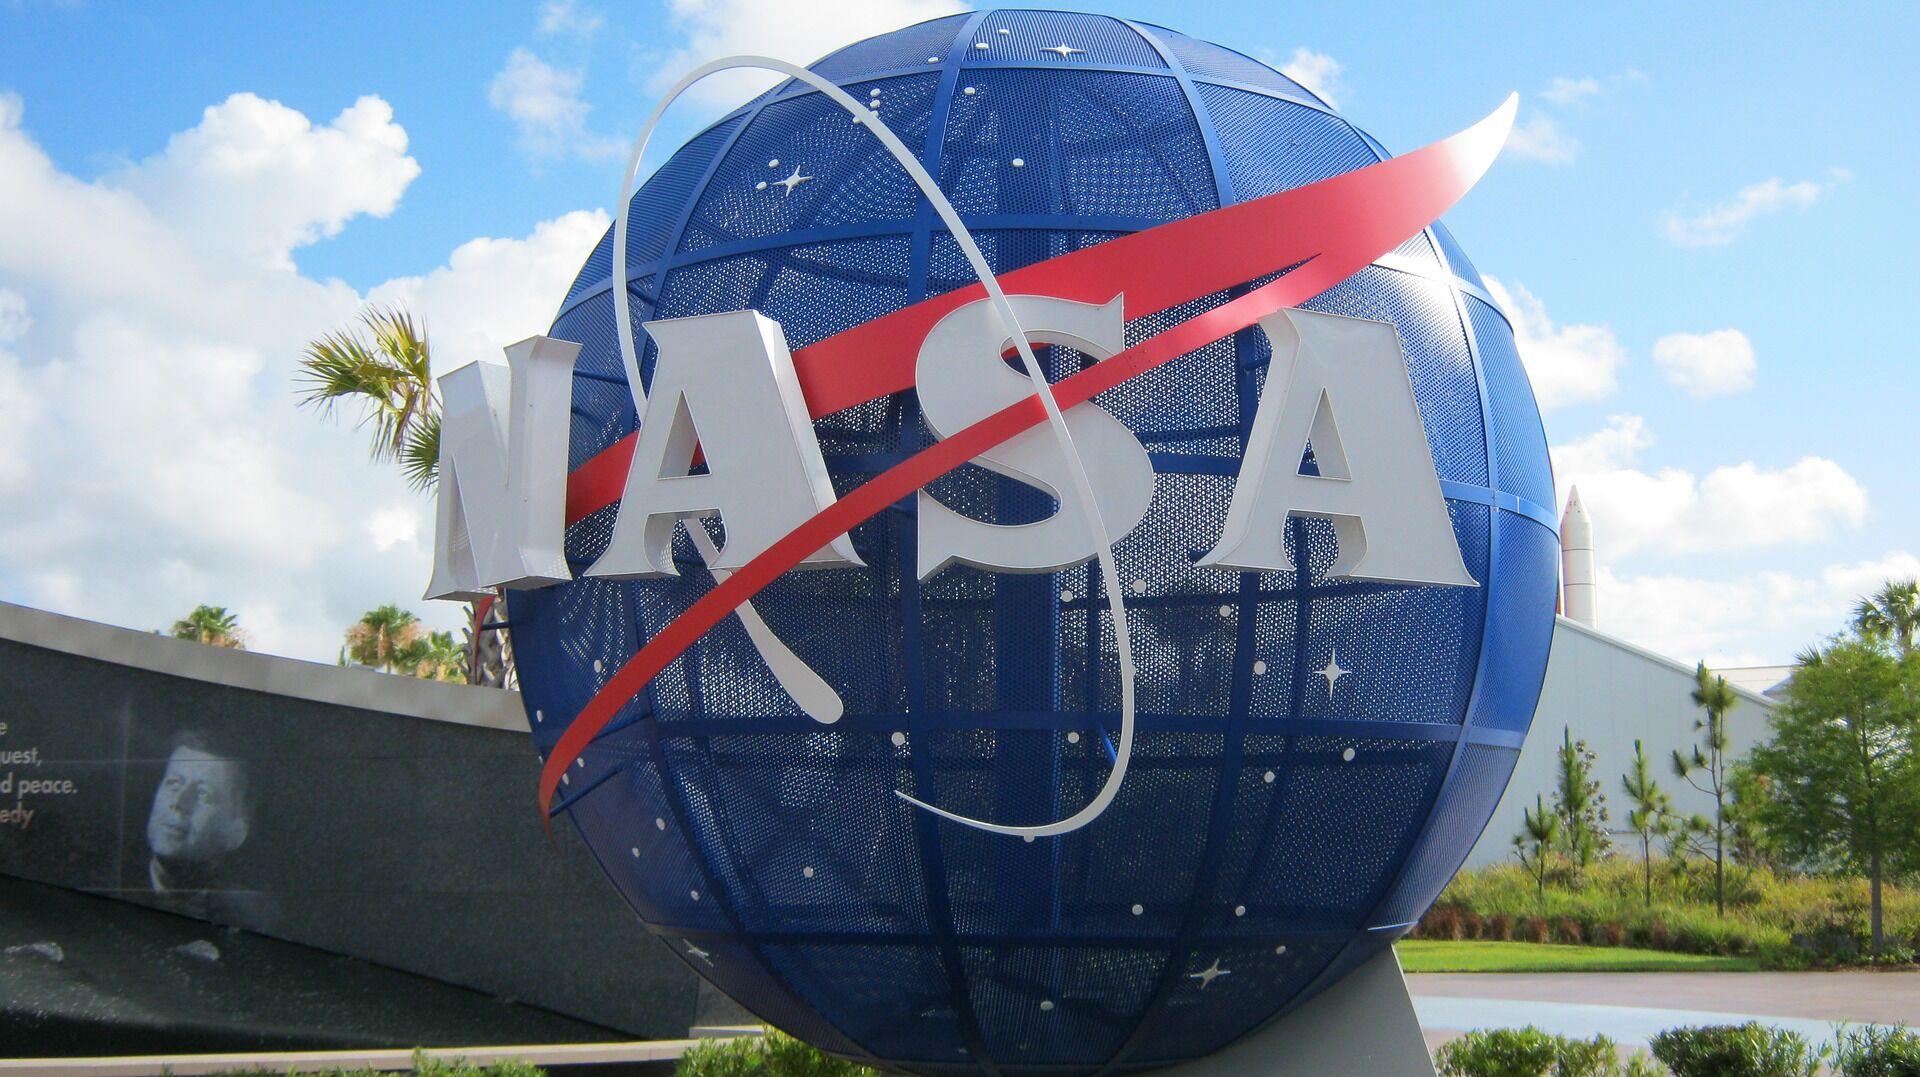 La NASA ofrece un empleo para proteger la Tierra de extraterrestres por  187.000 dólares al año - Libertad Digital